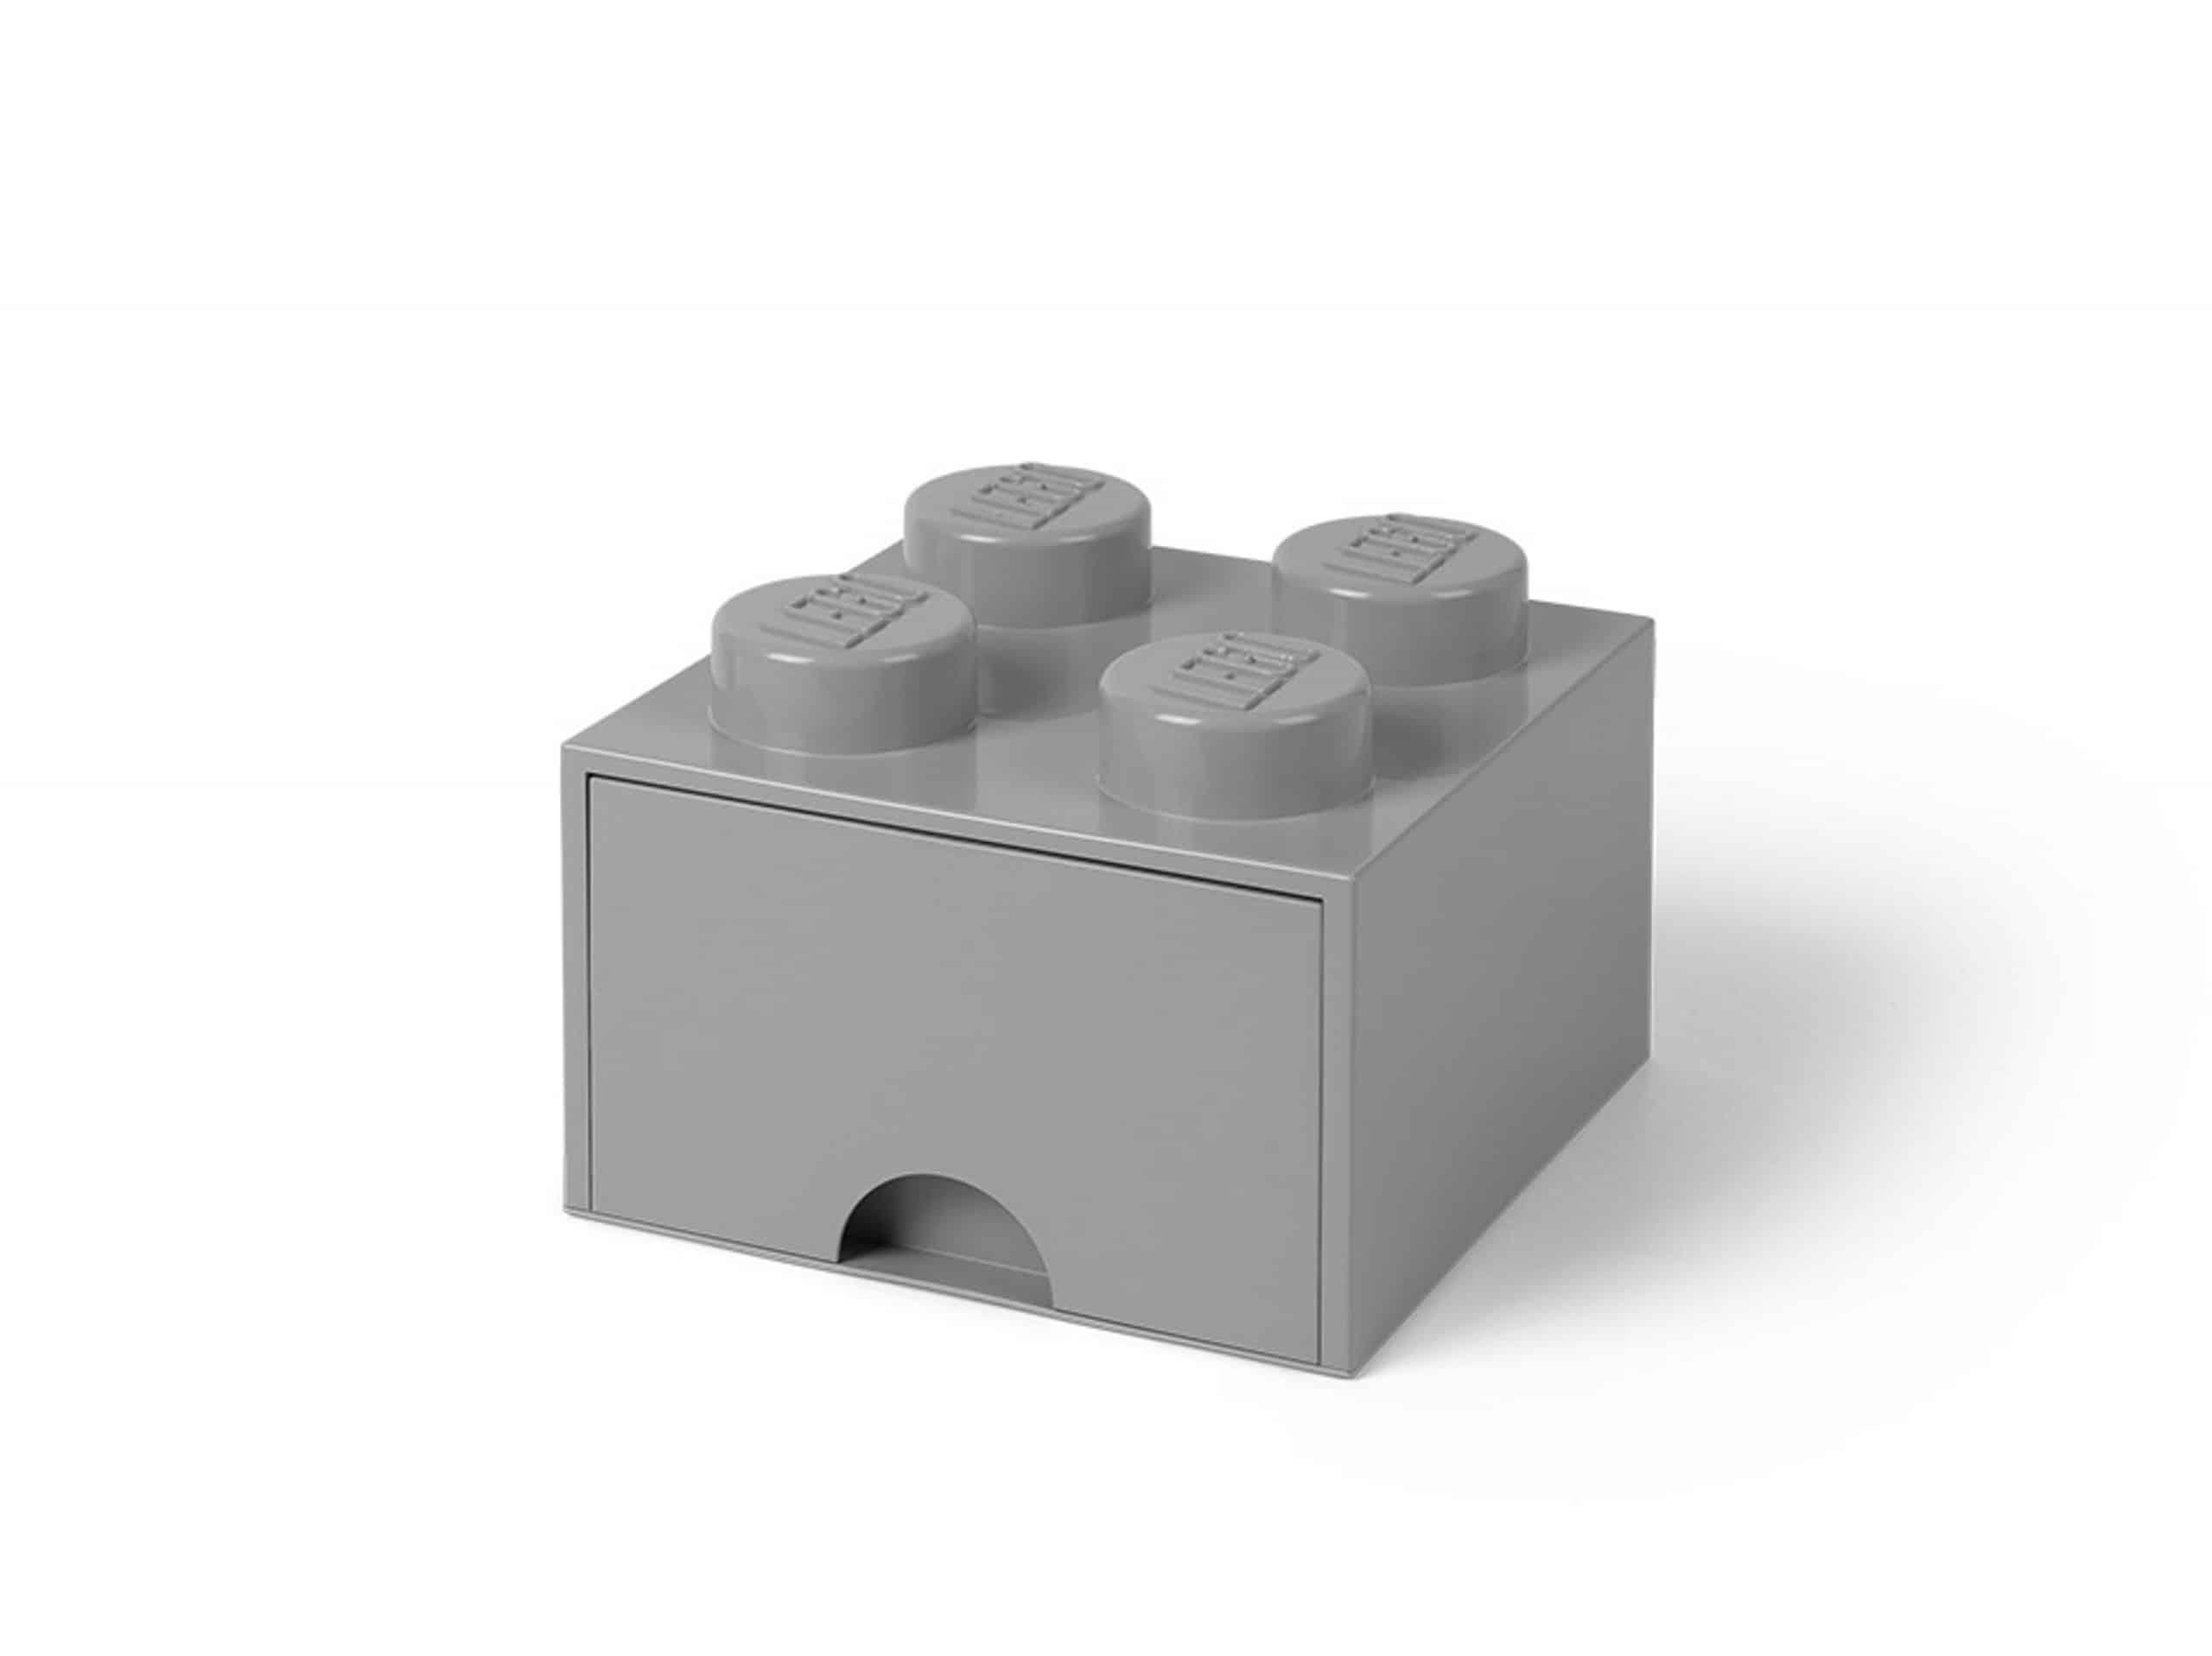 lego 5005713 mittelgroser aufbewahrungsstein mit 4 noppen und schubfach in steingrau scaled